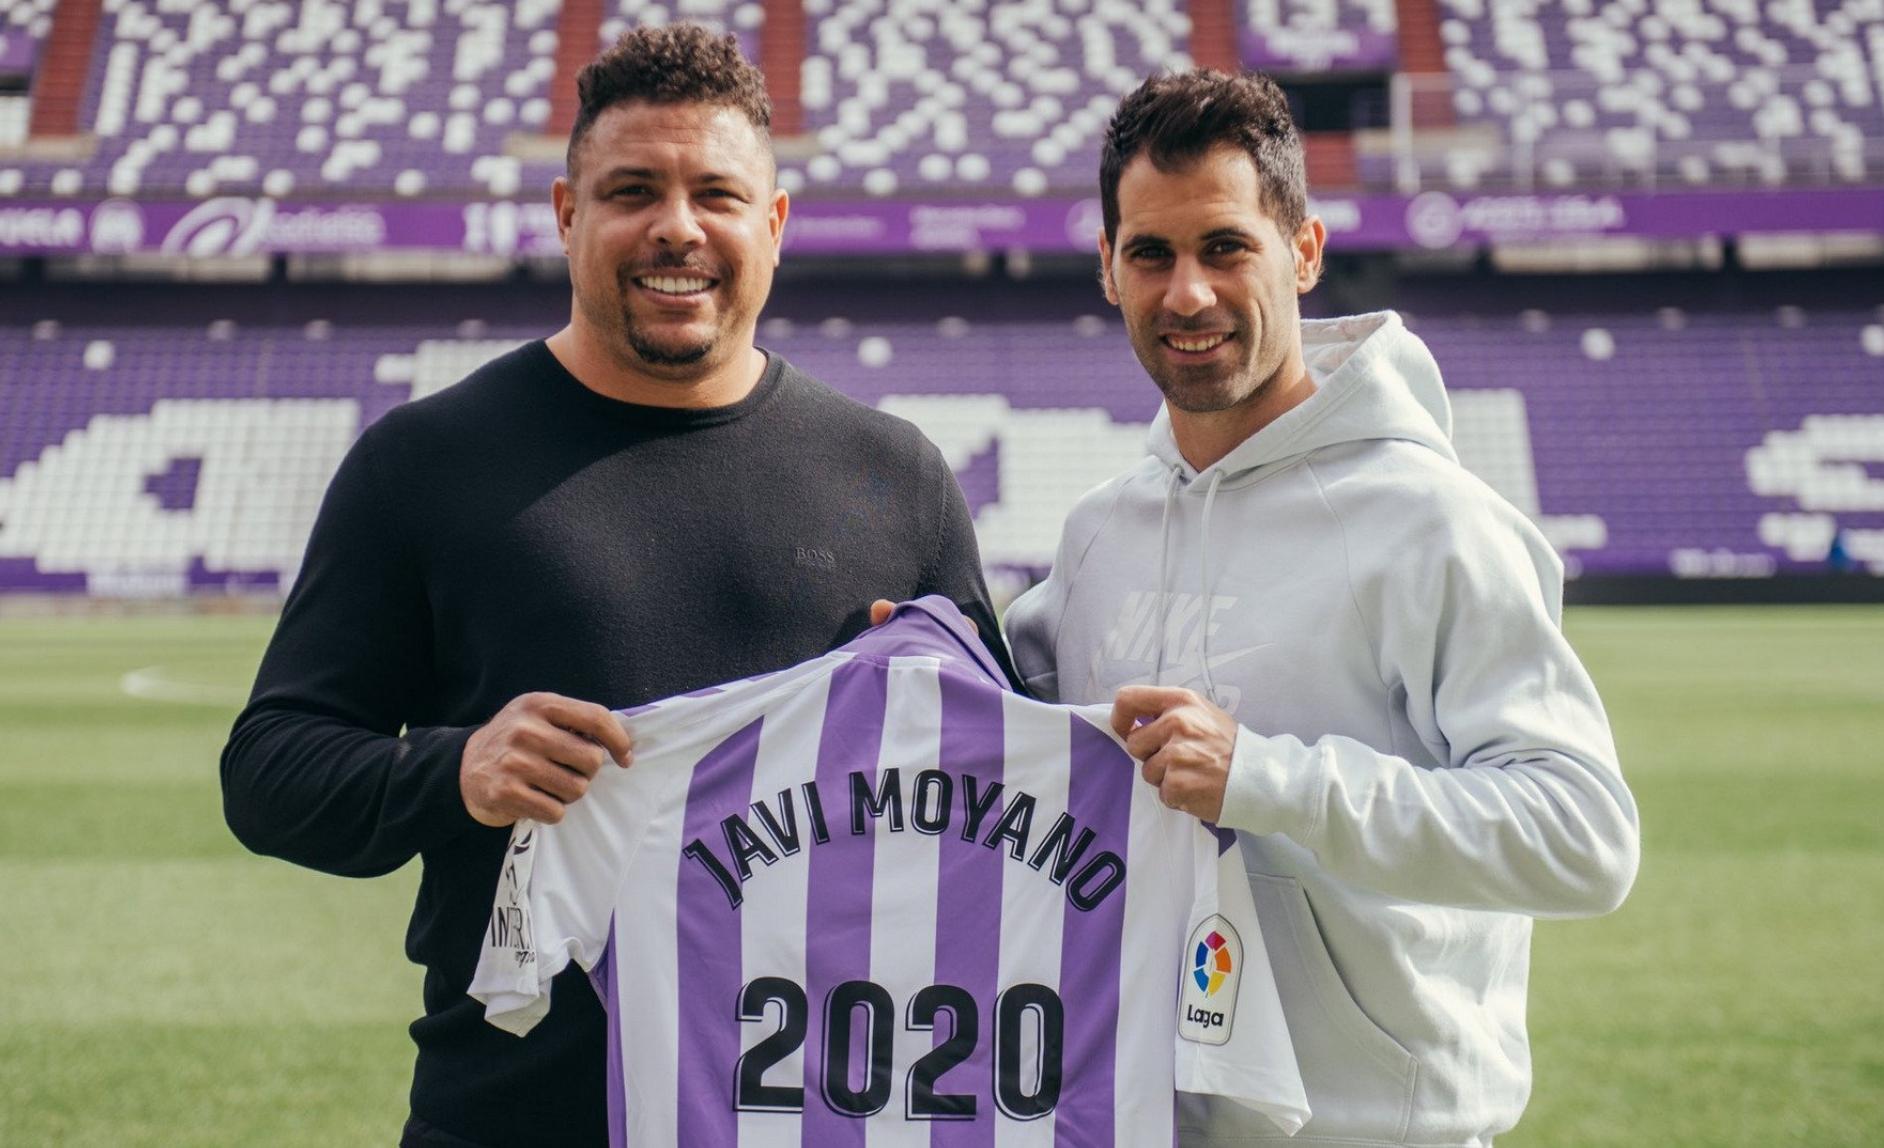 Javi Moyano renueva con el Real Valladolid hasta 2020